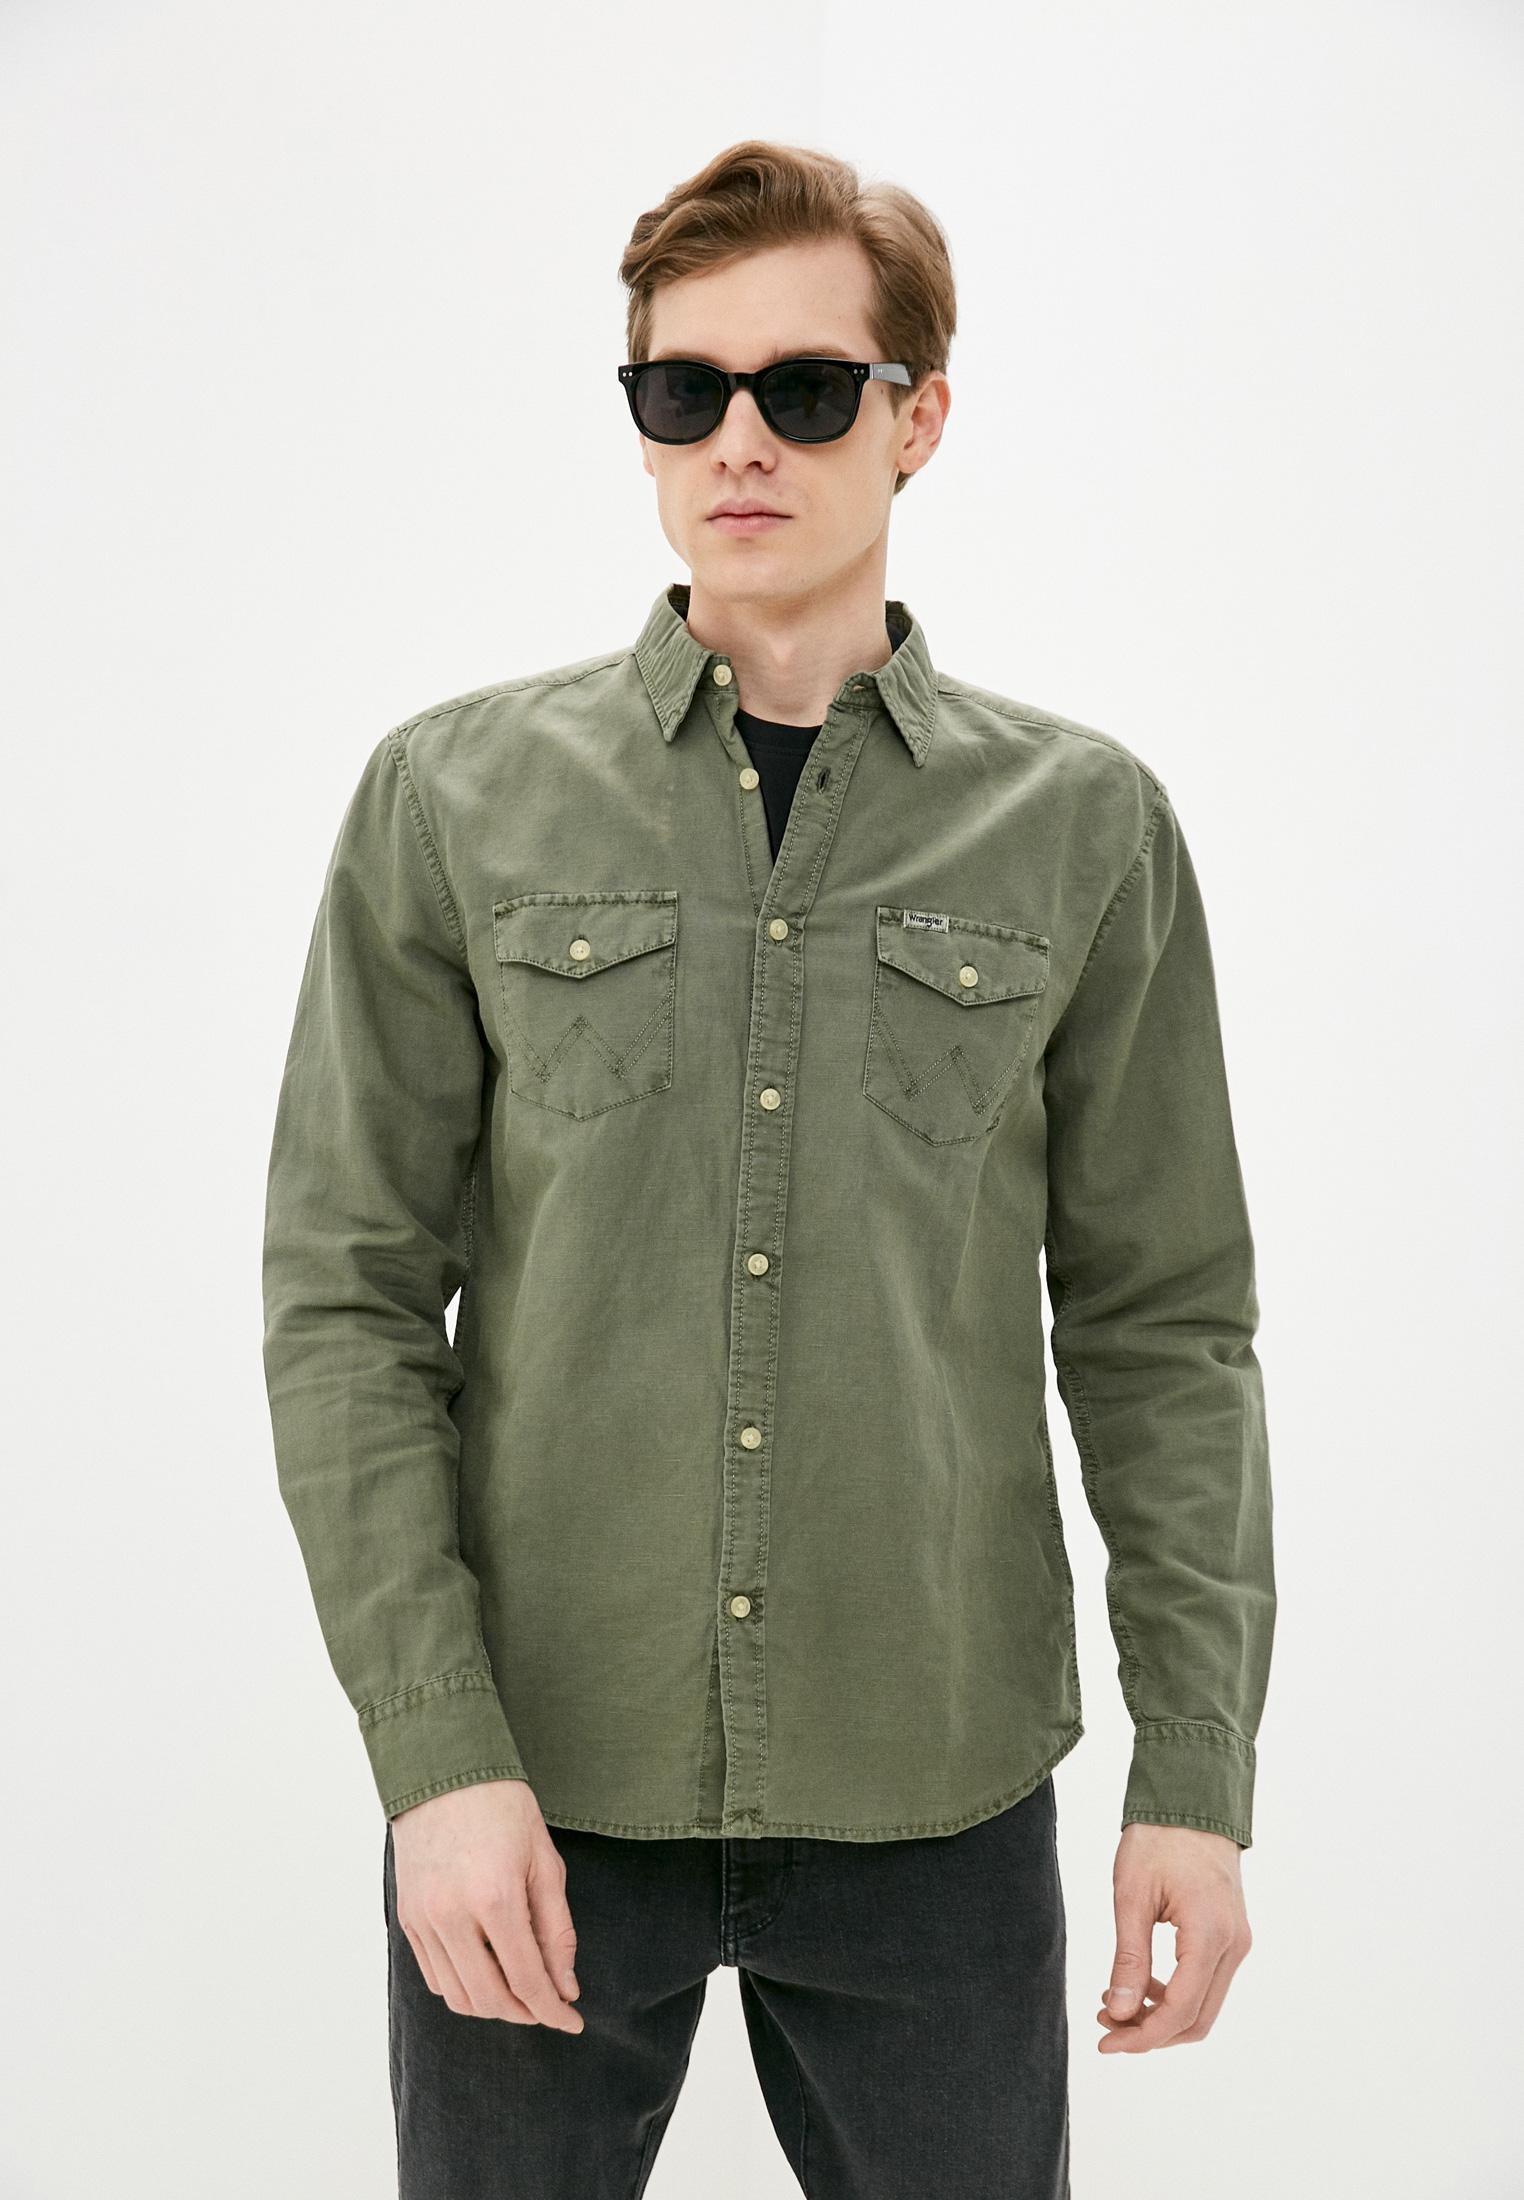 Рубашка с длинным рукавом Wrangler (Вранглер) Рубашка Wrangler